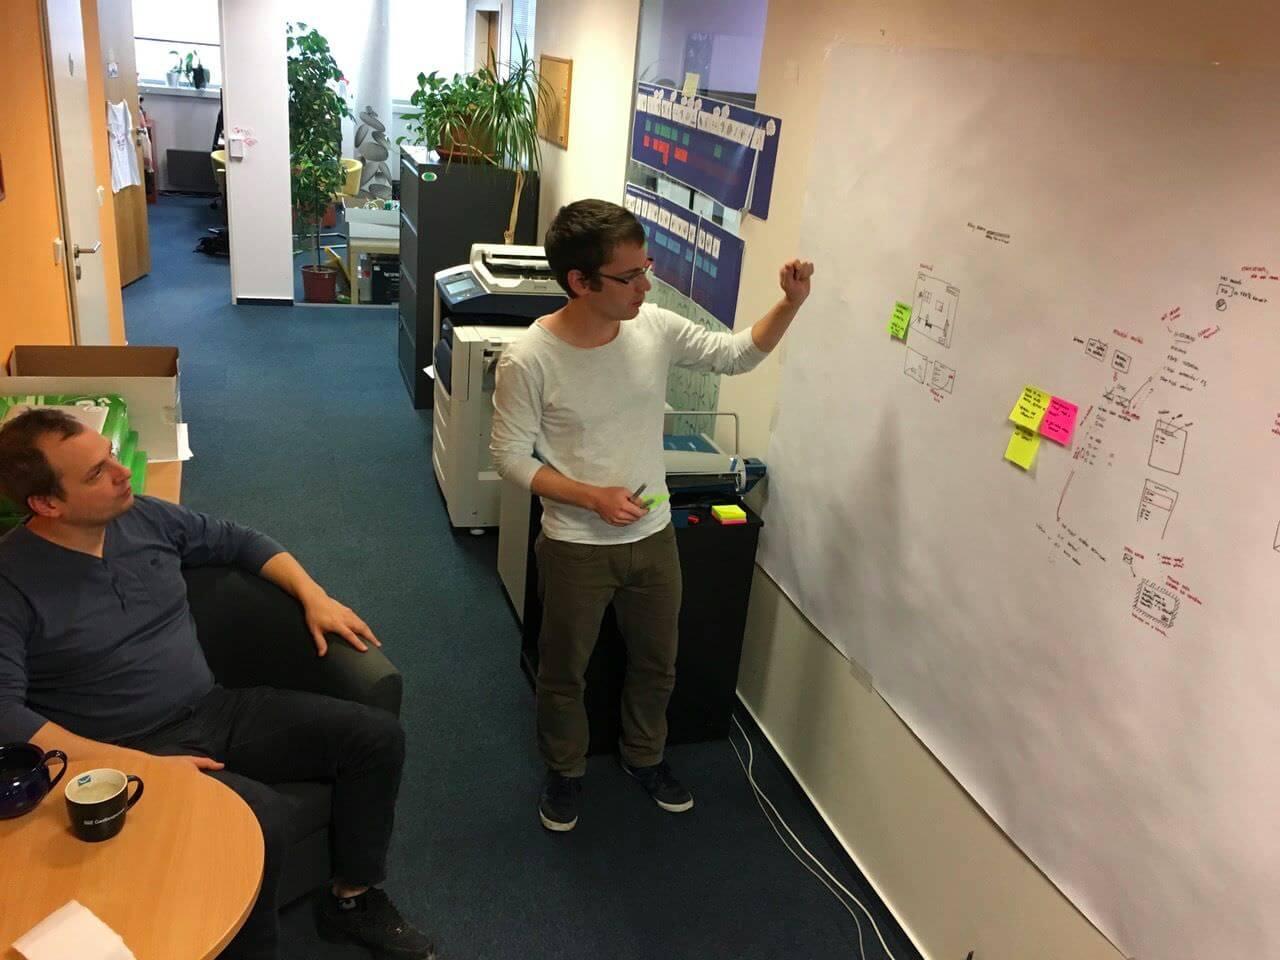 Na naší kreslicí zdi jsme společně promýšleli různé možnosti pro řešení nového konceptu.